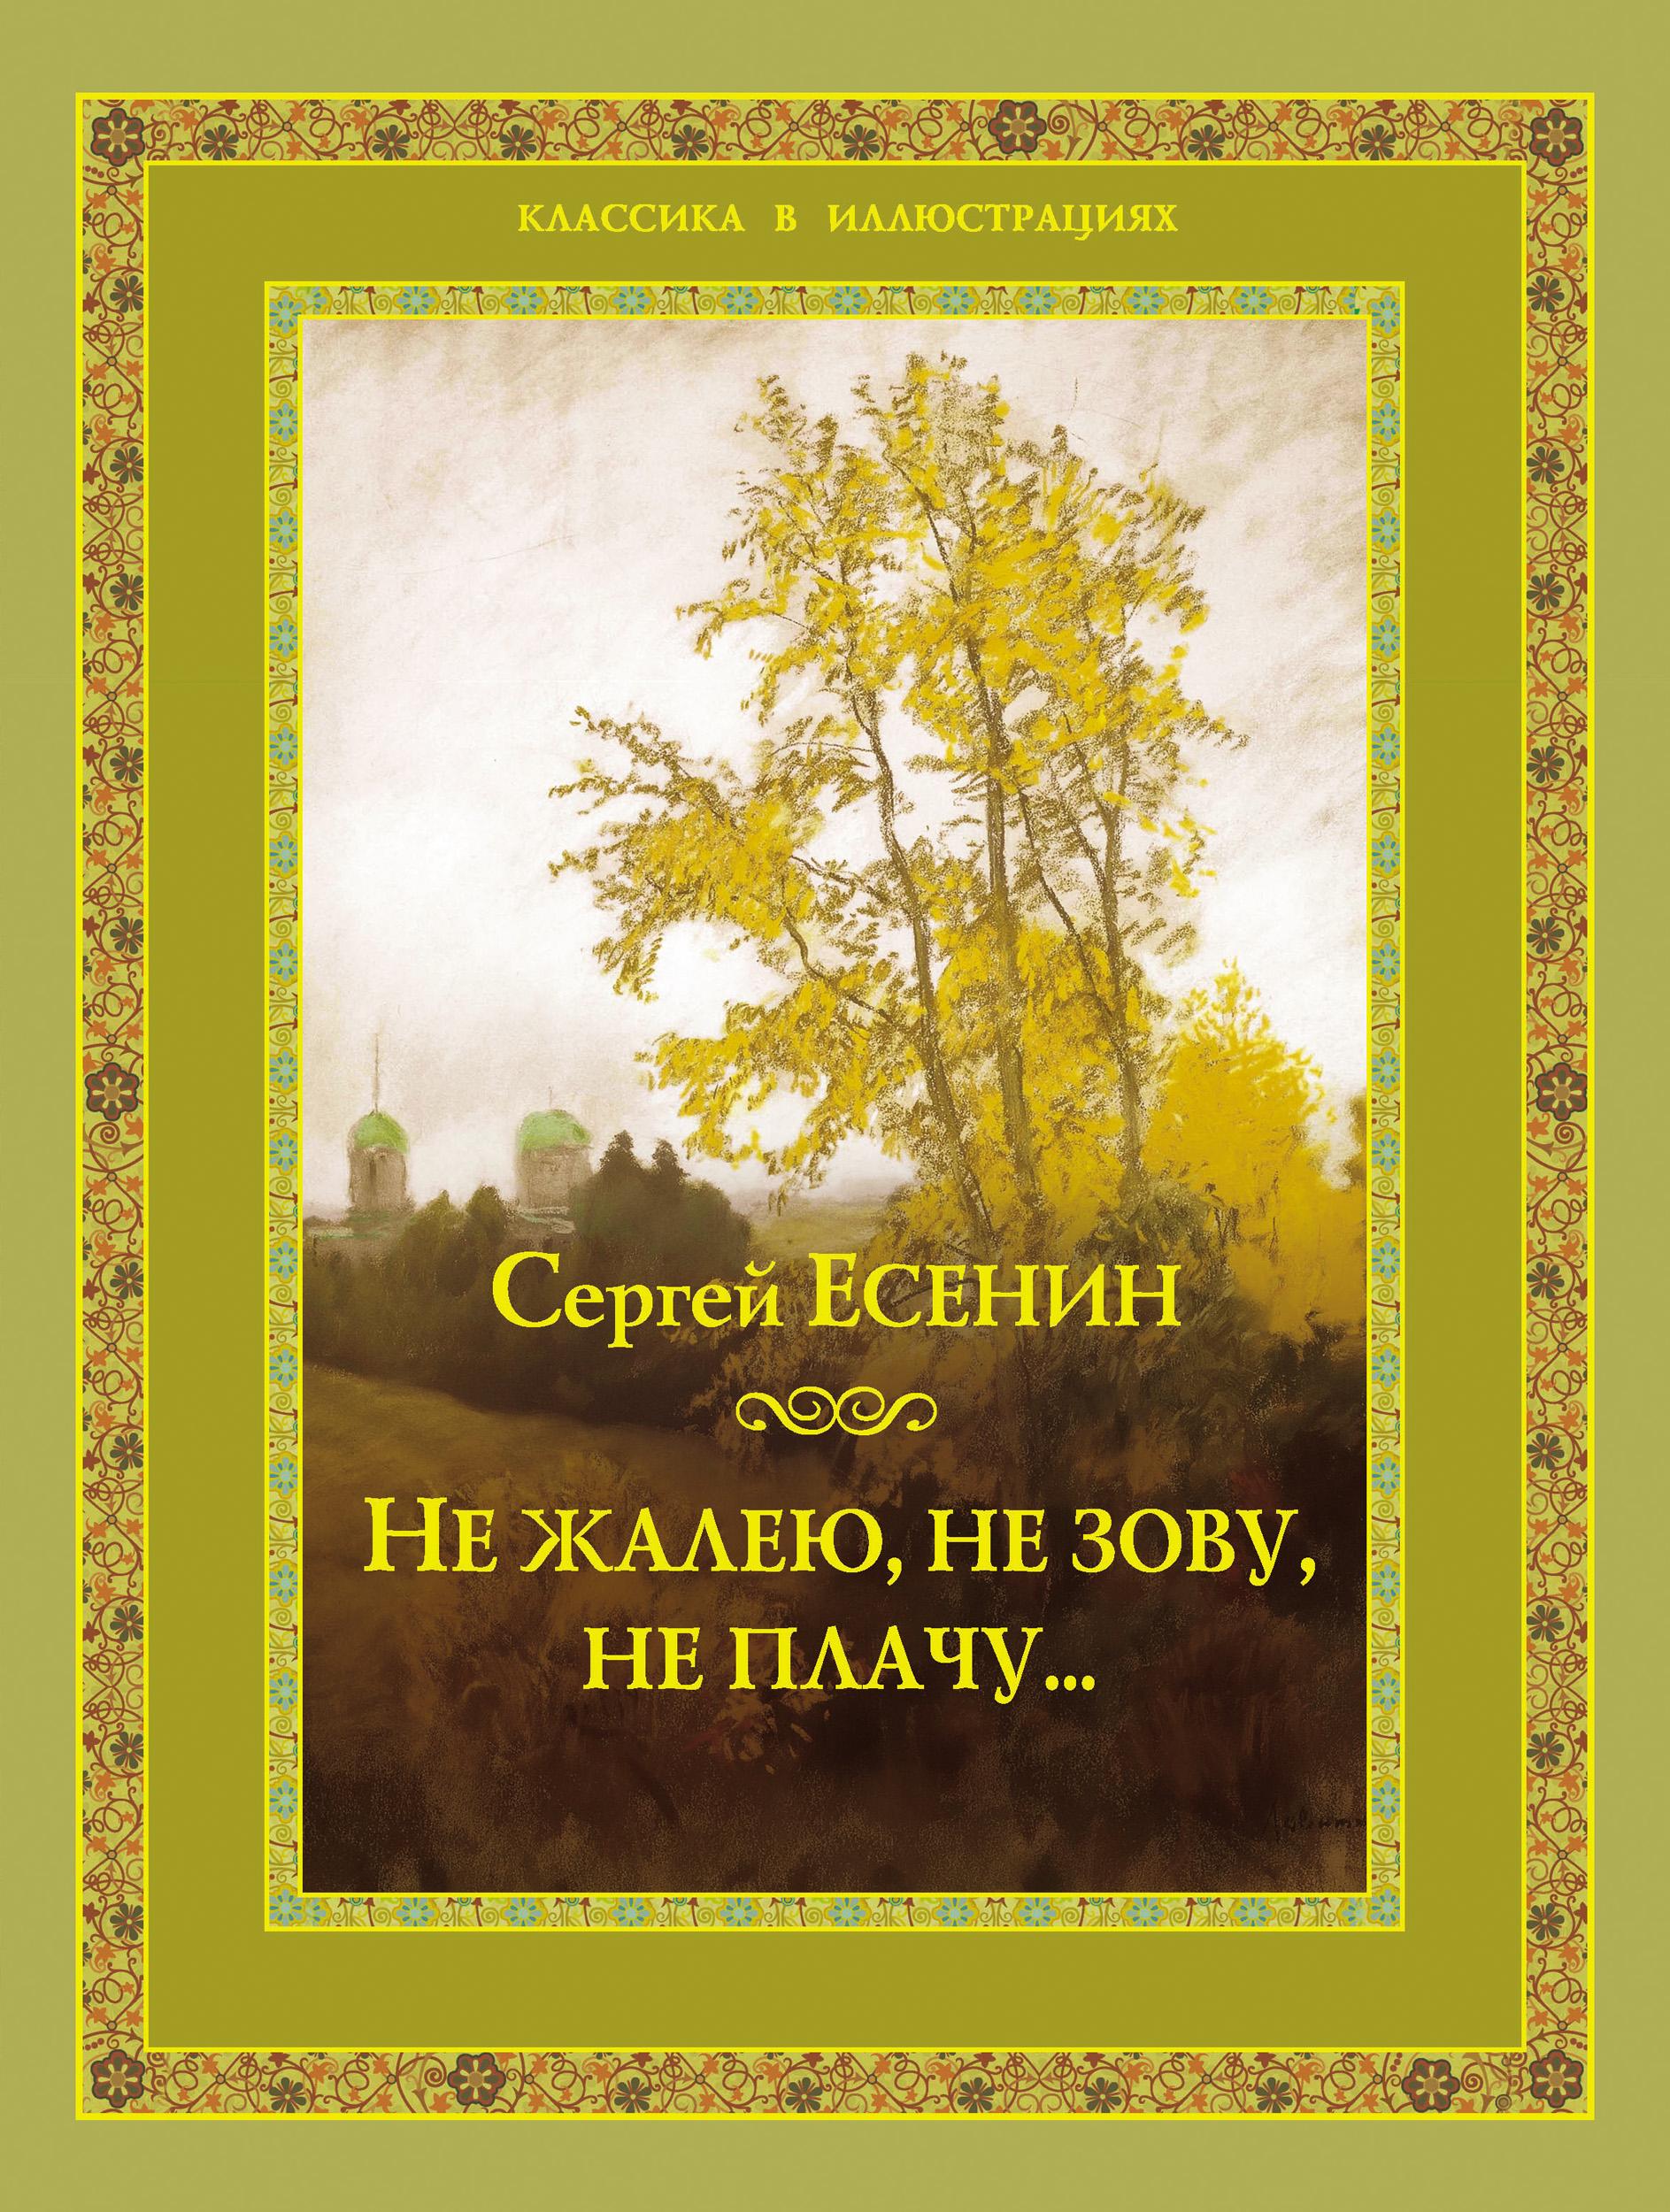 Сергей Есенин Не жалею, не зову, не плачу… сергей есенин автор не указан марина городецкая олег смола не жалею не зову не плачу